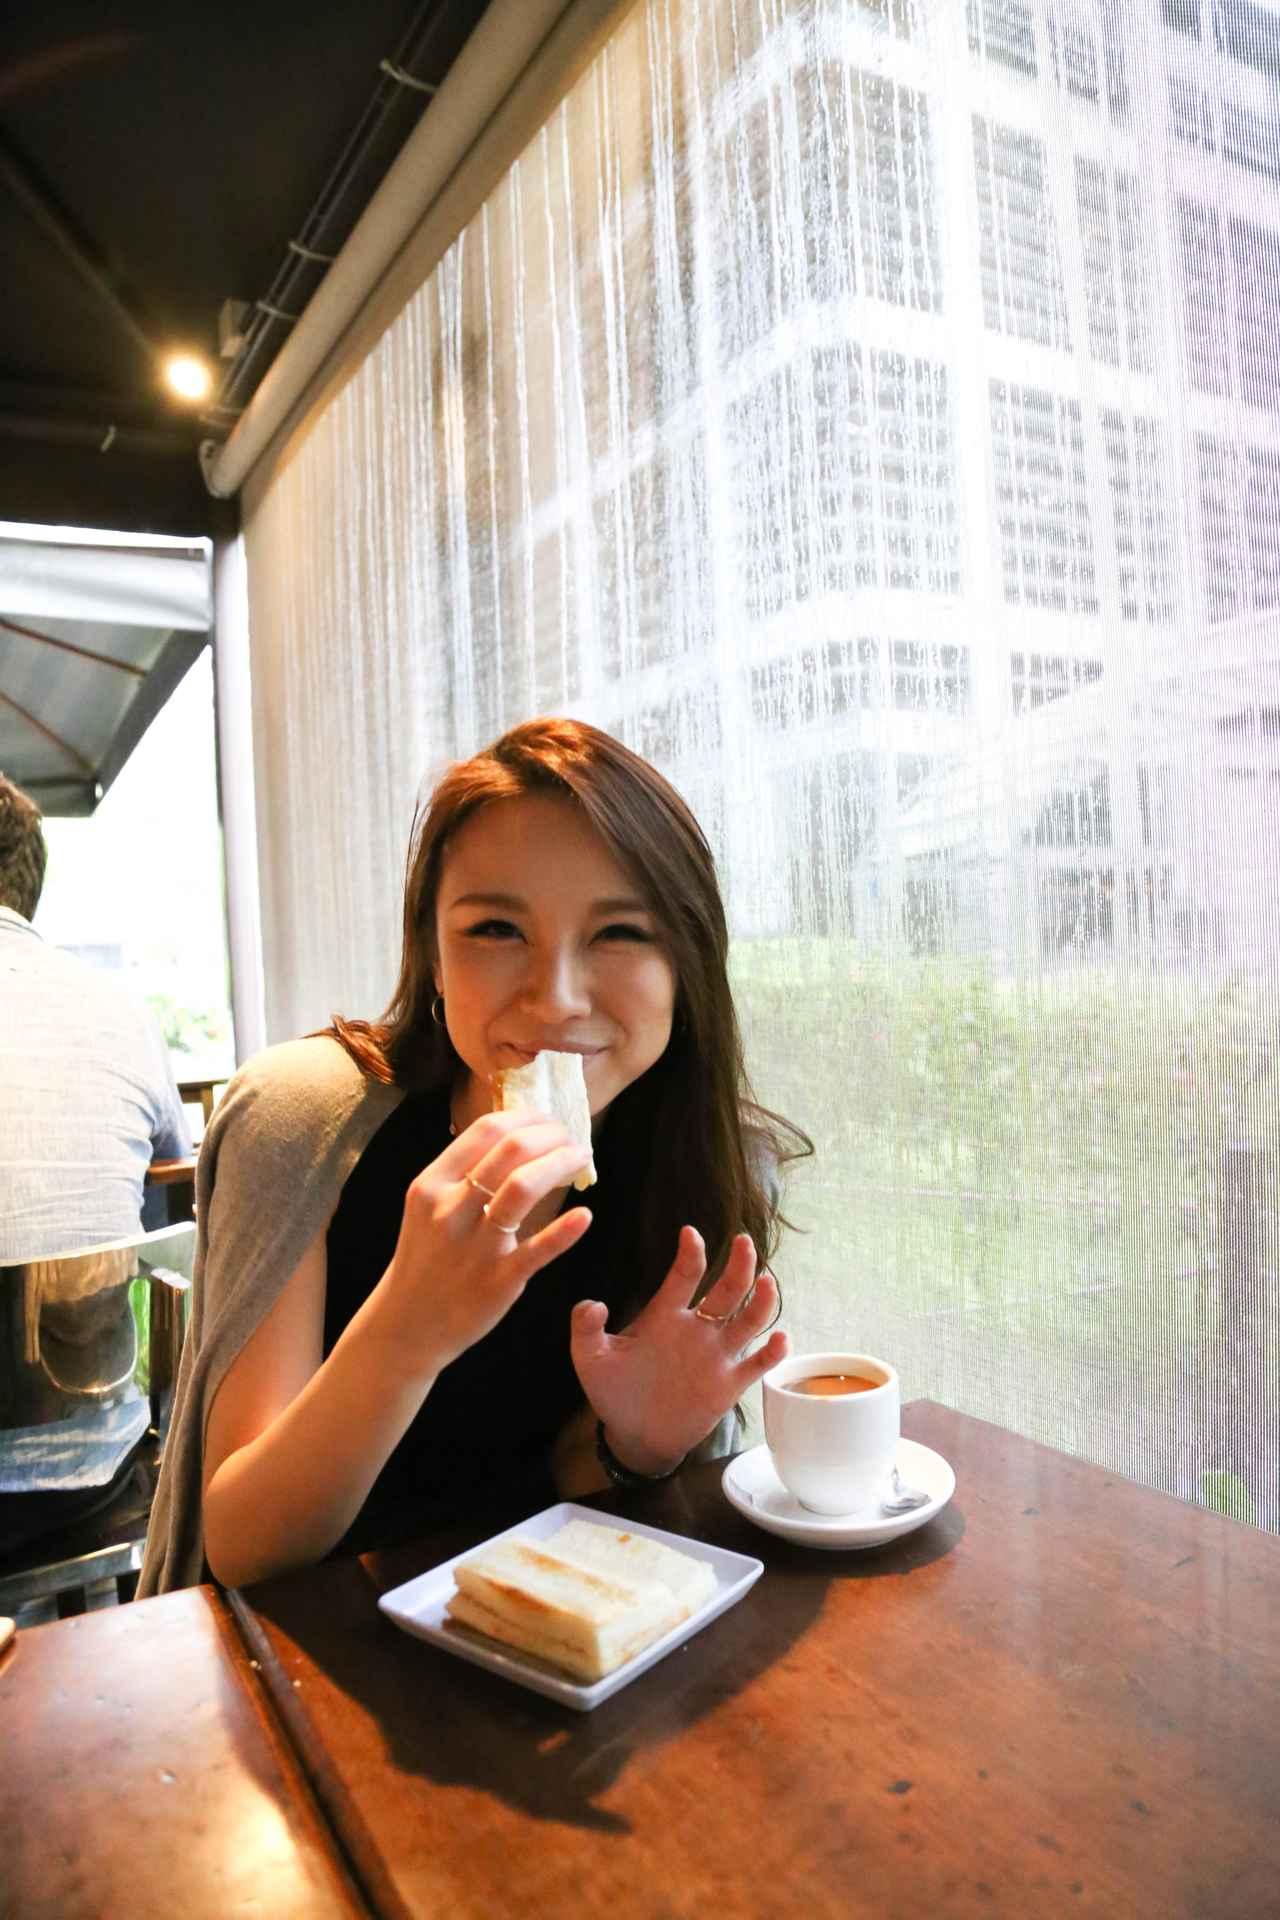 画像: 「Toast Box」はシンガポール国内に多くの店舗を展開しているチェーンですが、 古いコーヒーショップやフードコートに行けば、このシンプルでおいしい逸品が楽しめます。